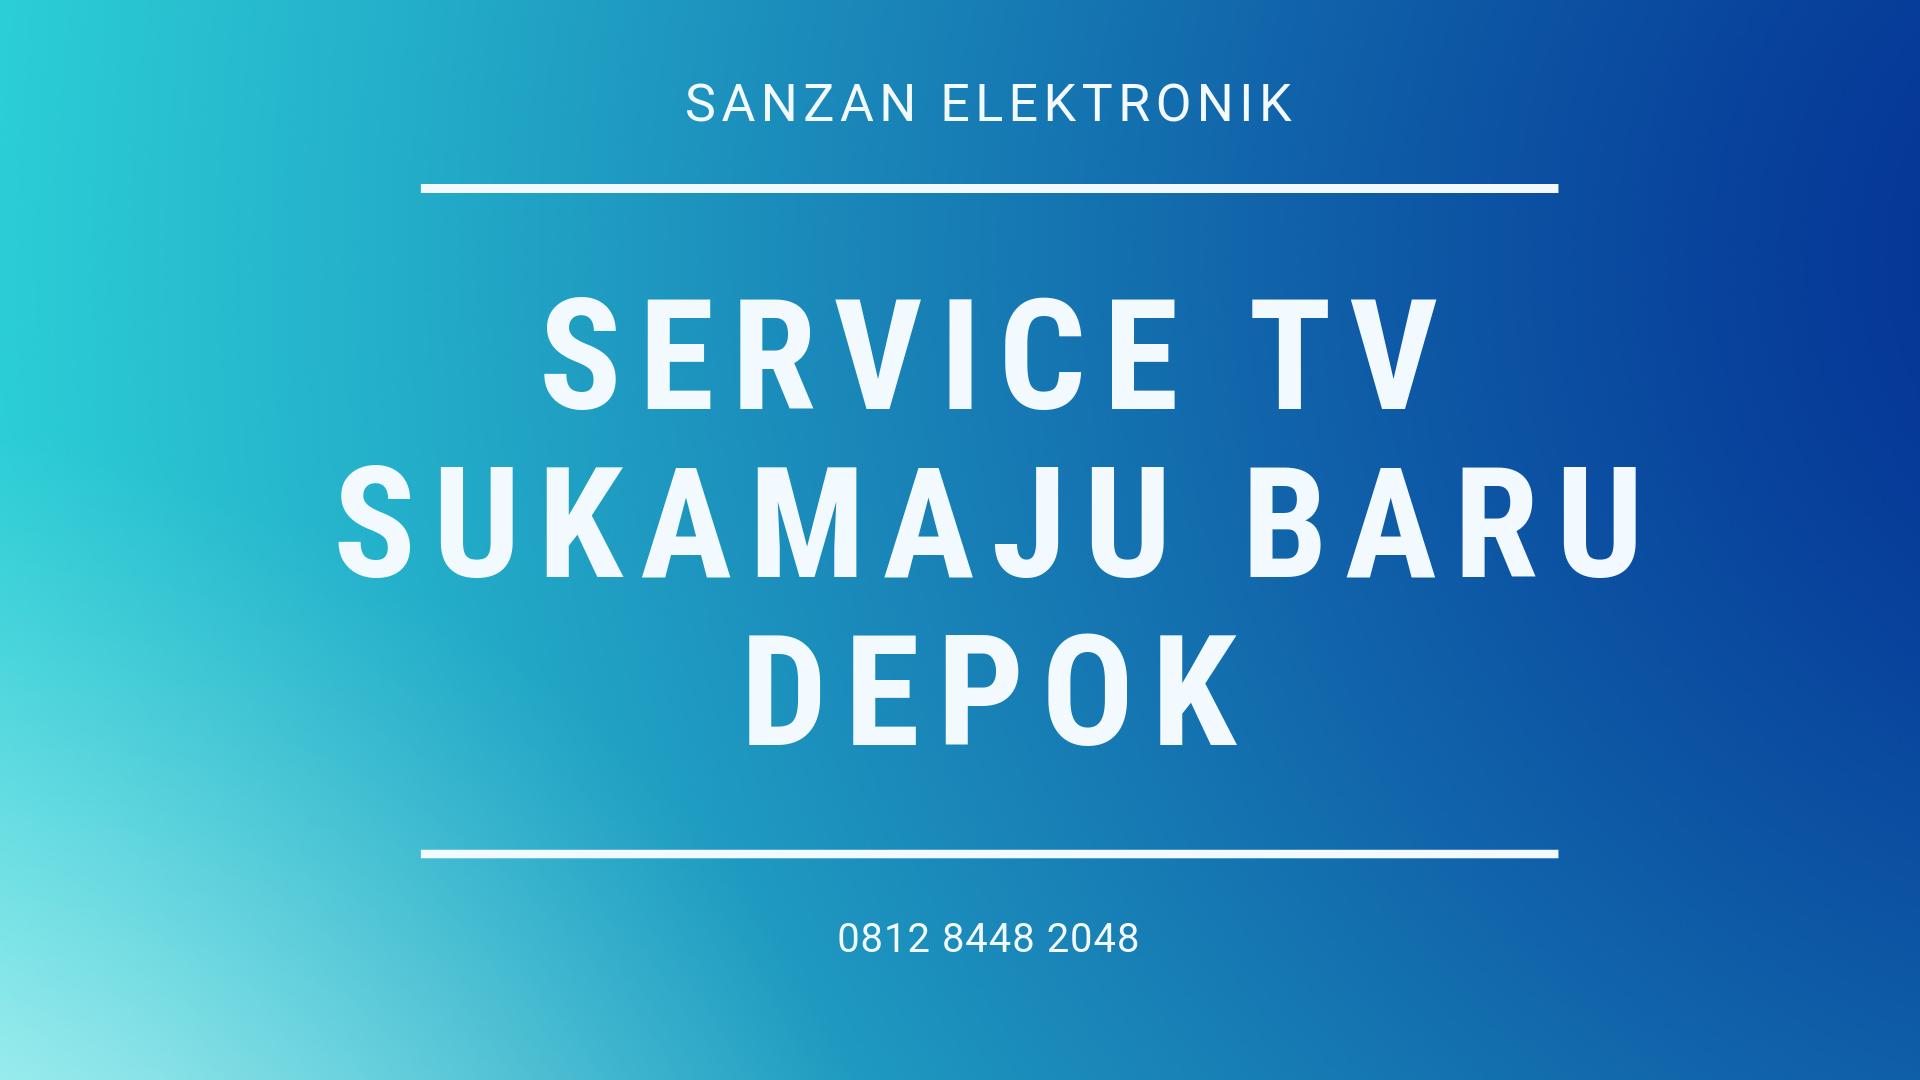 Service TV Sukamaju Baru Depok